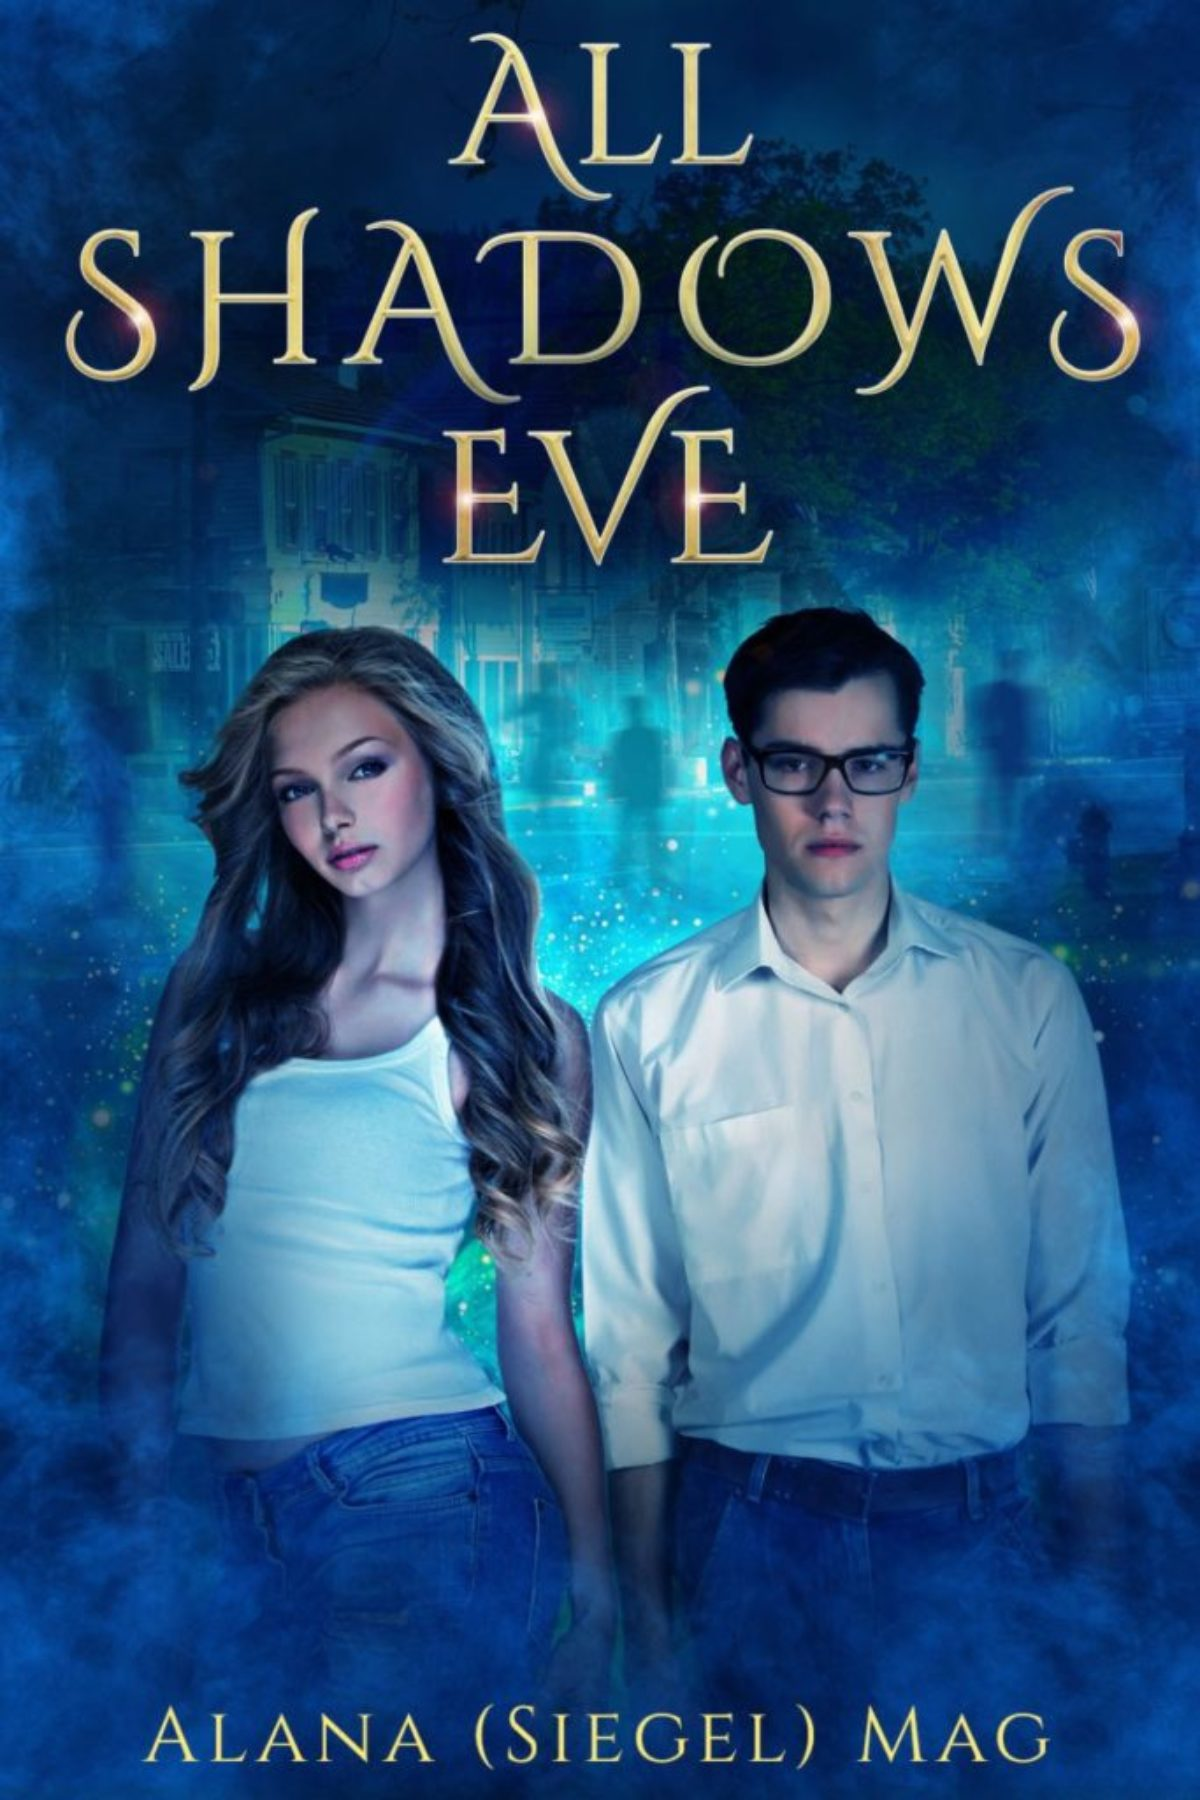 All Shadows Eve